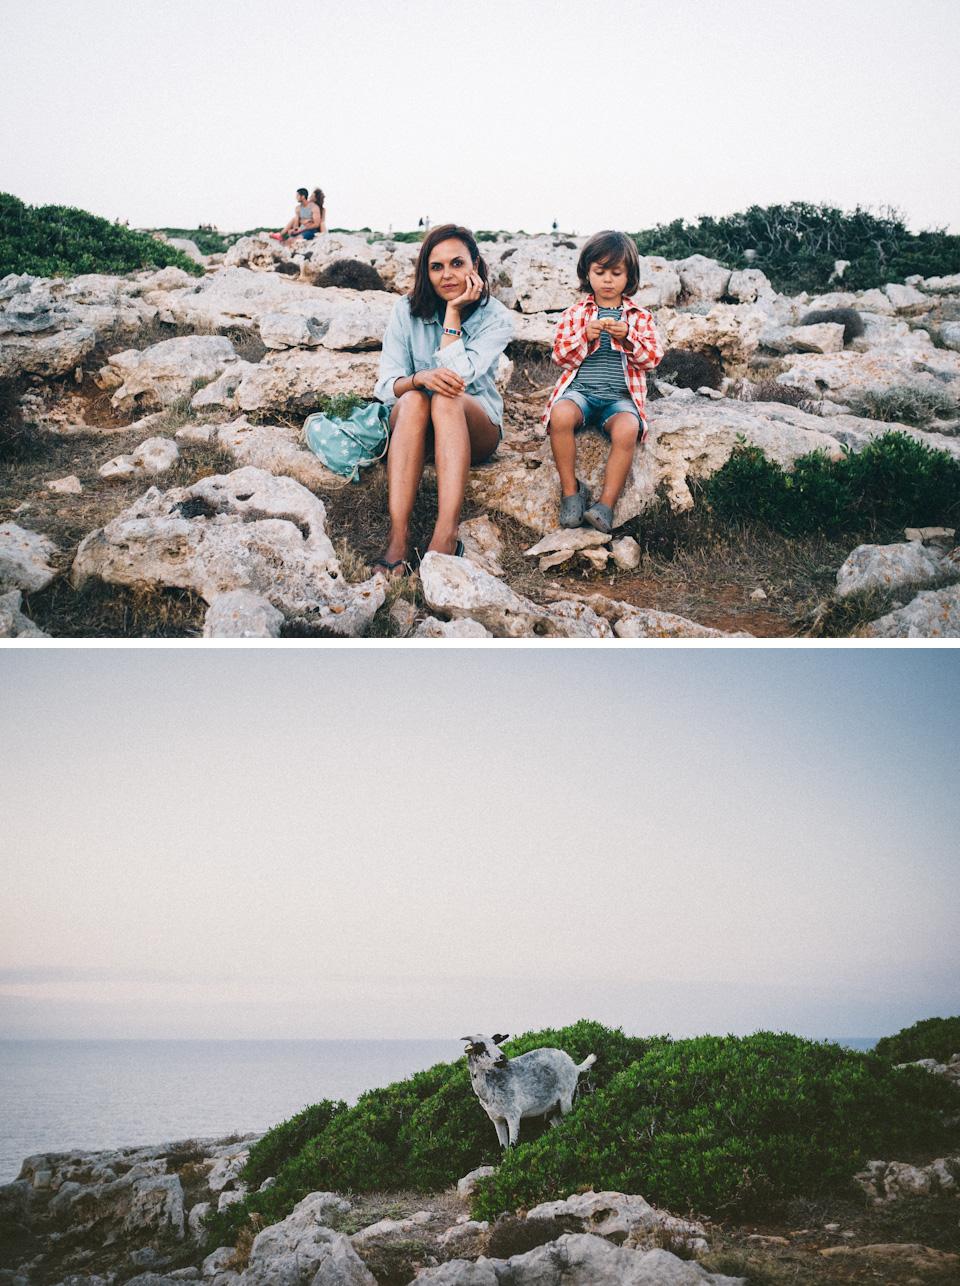 Menorca-2014-Cavalleria-sunset